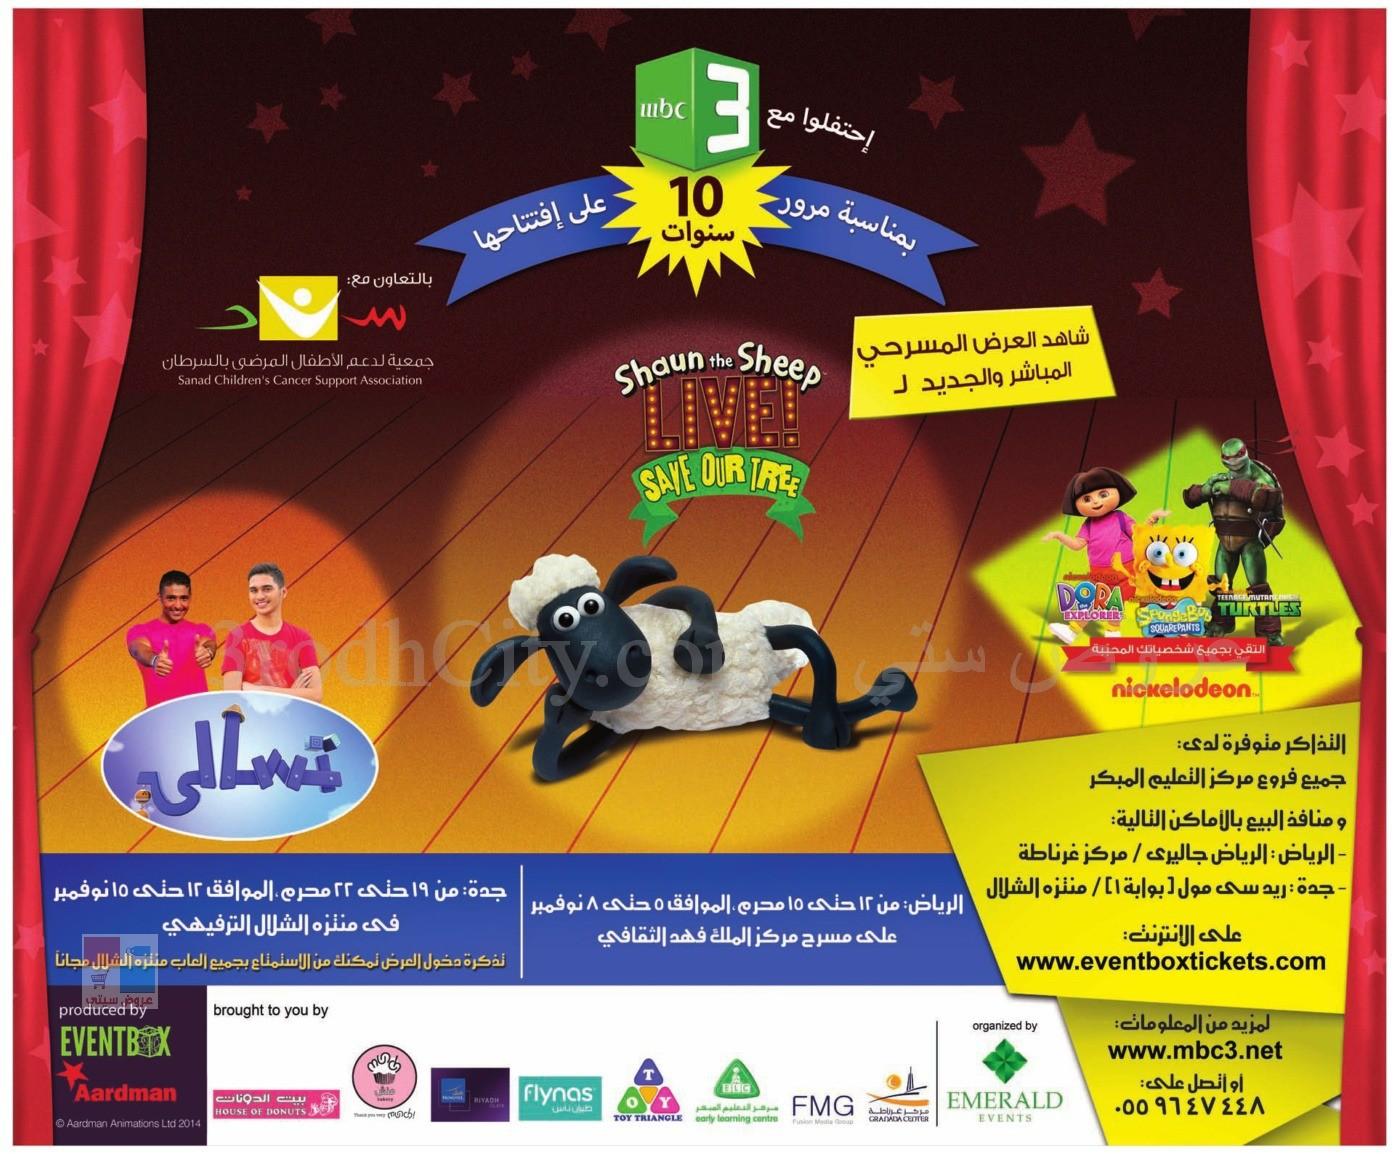 احتفلوا مع ام بي سي ٣ عرض مسرحي في الرياض cgkkwe.jpg